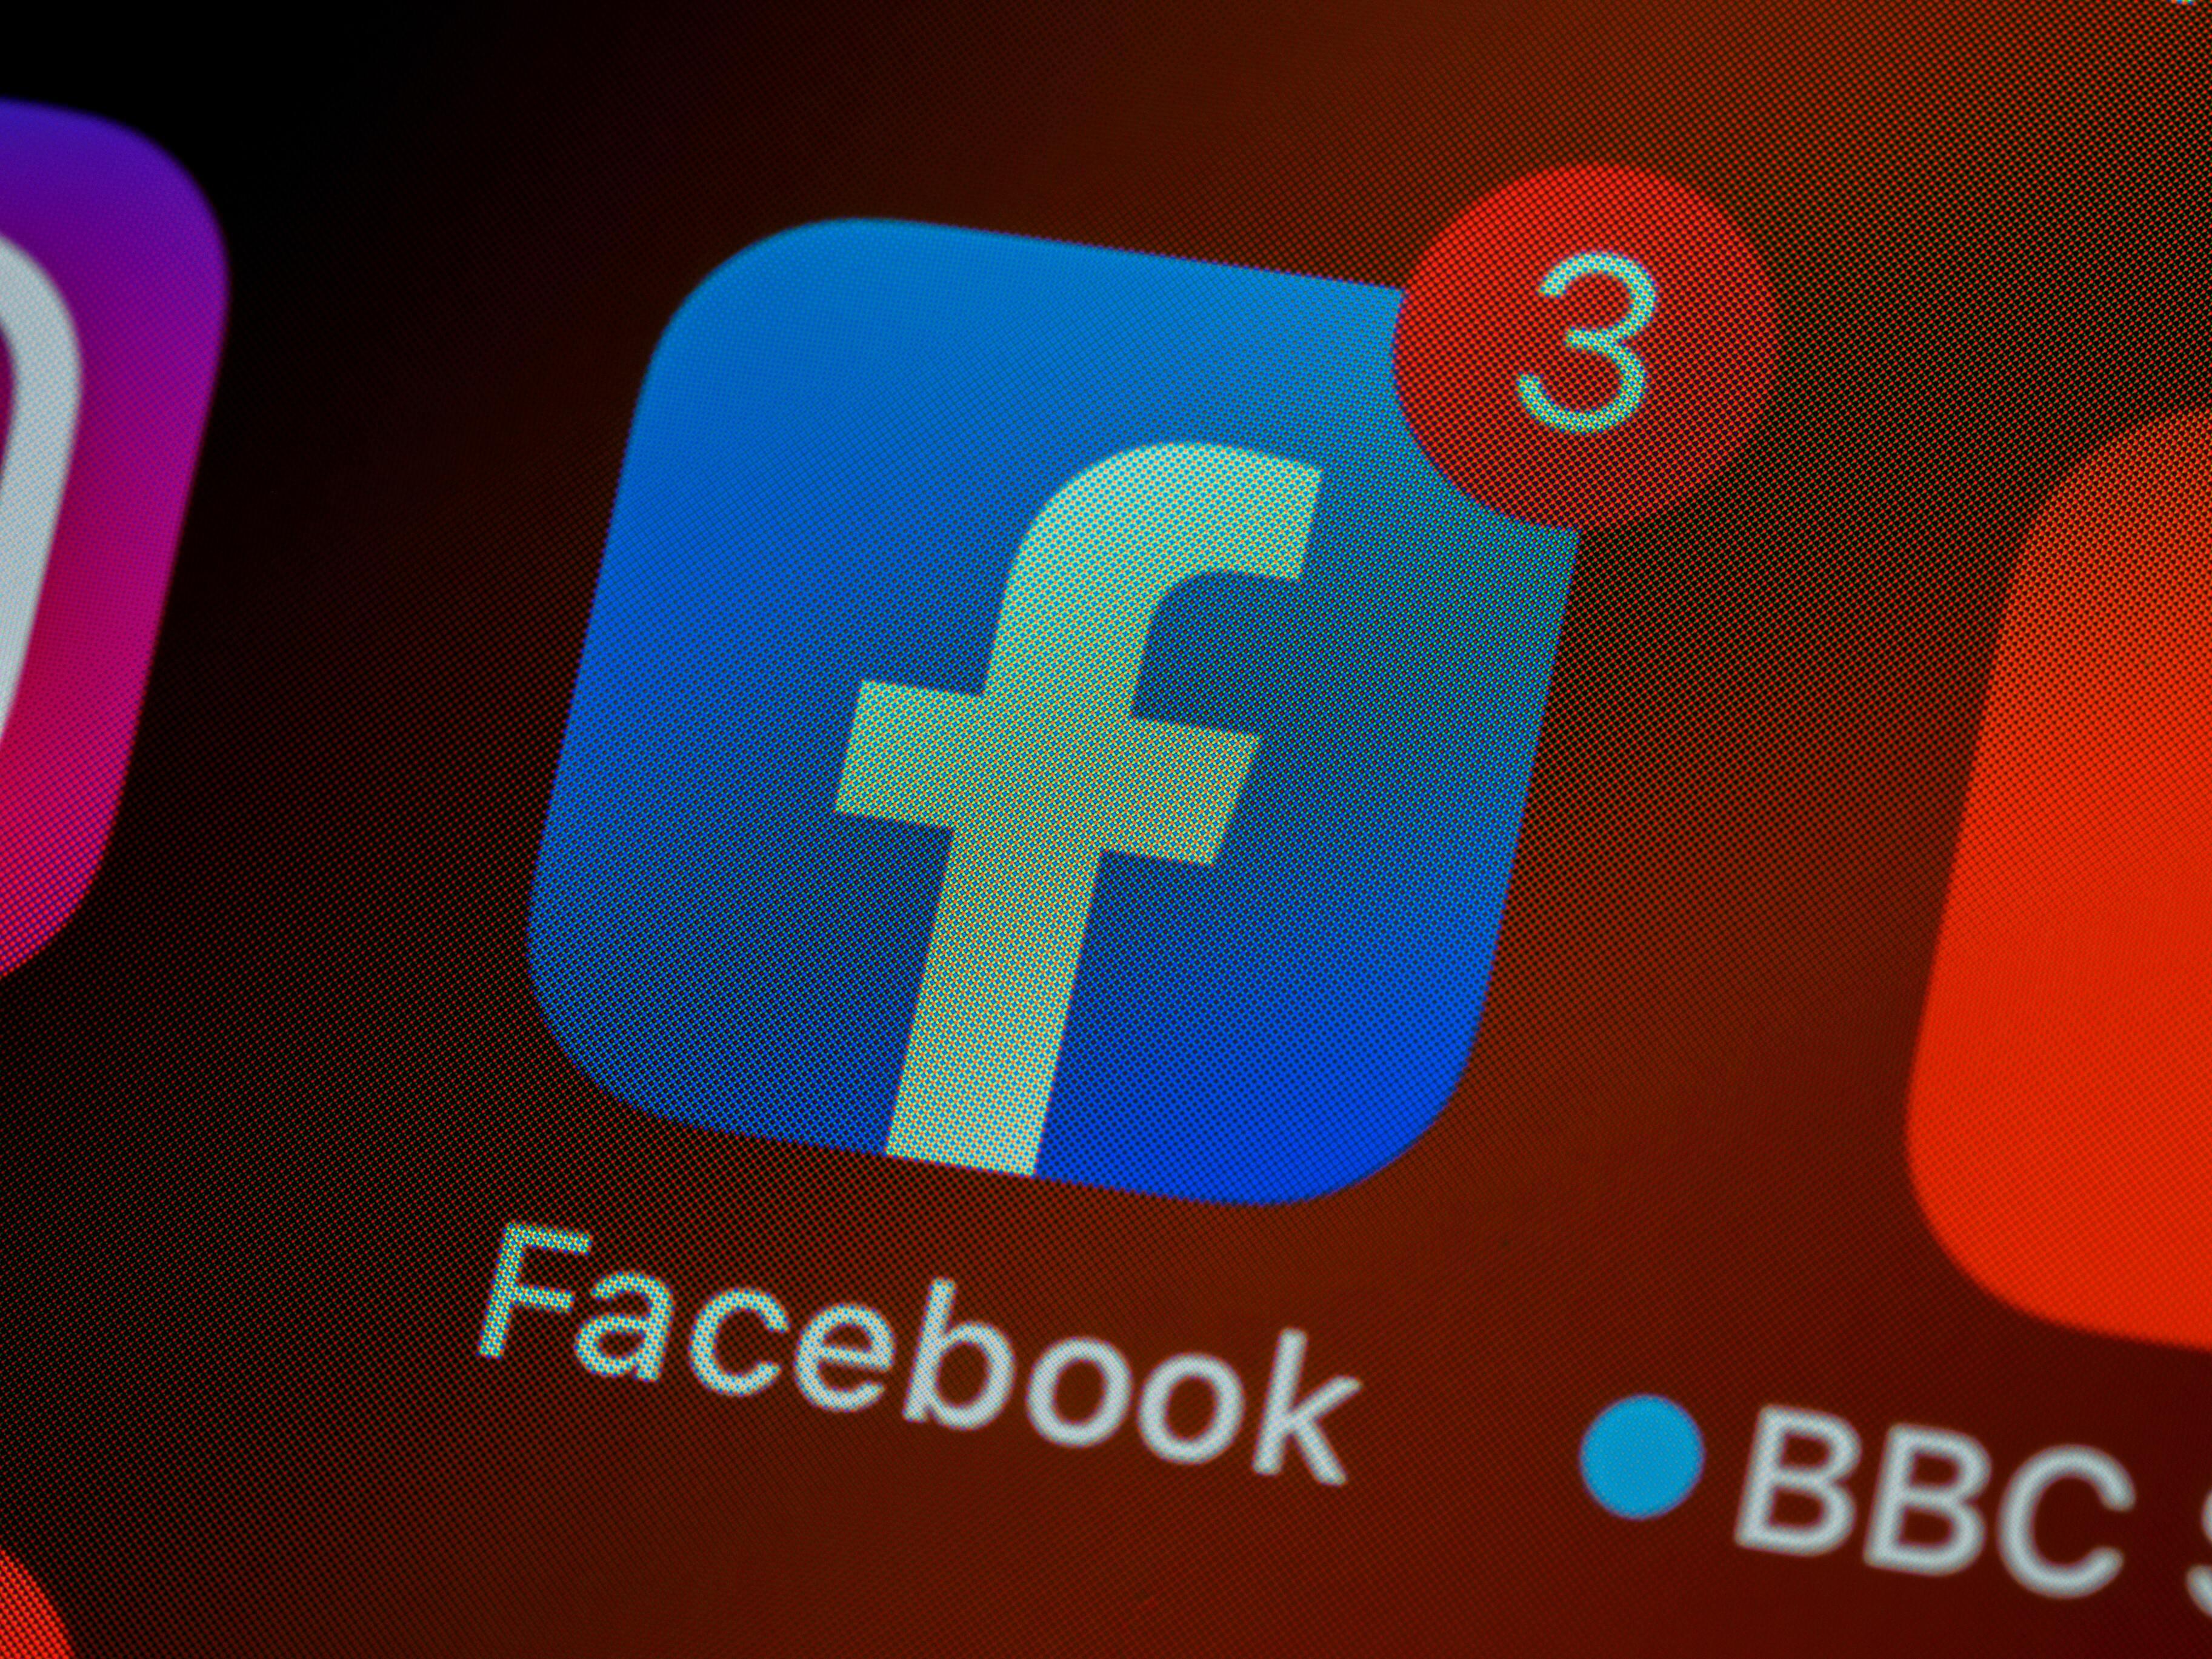 Американец не получил согласие босса на дружбу в Facebook и с угрозами вломился в его дом